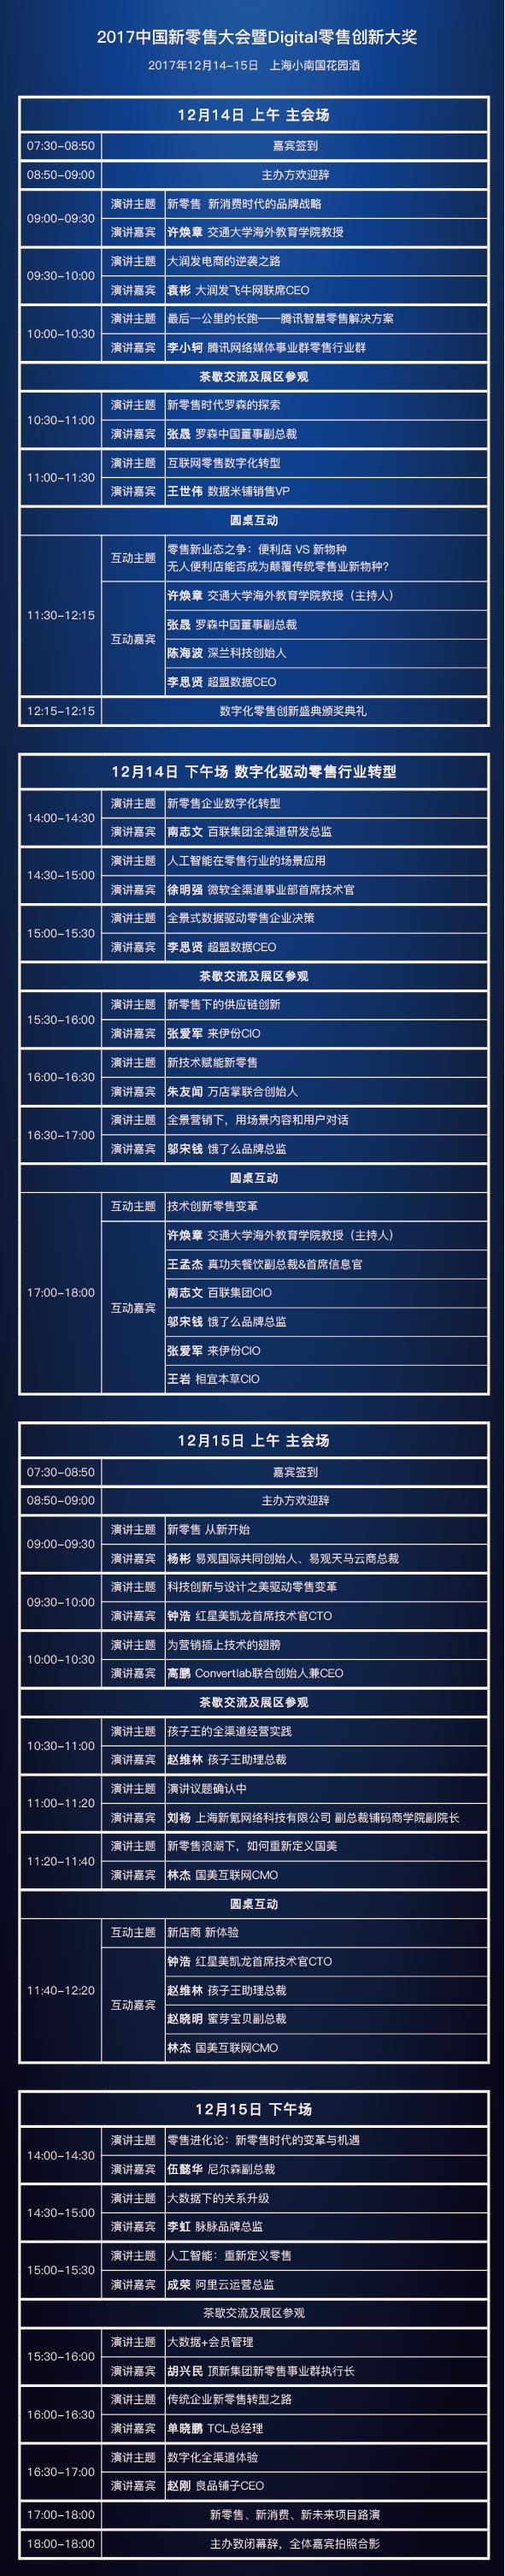 CNC 2017中国新零售大会暨数字零售创新大奖